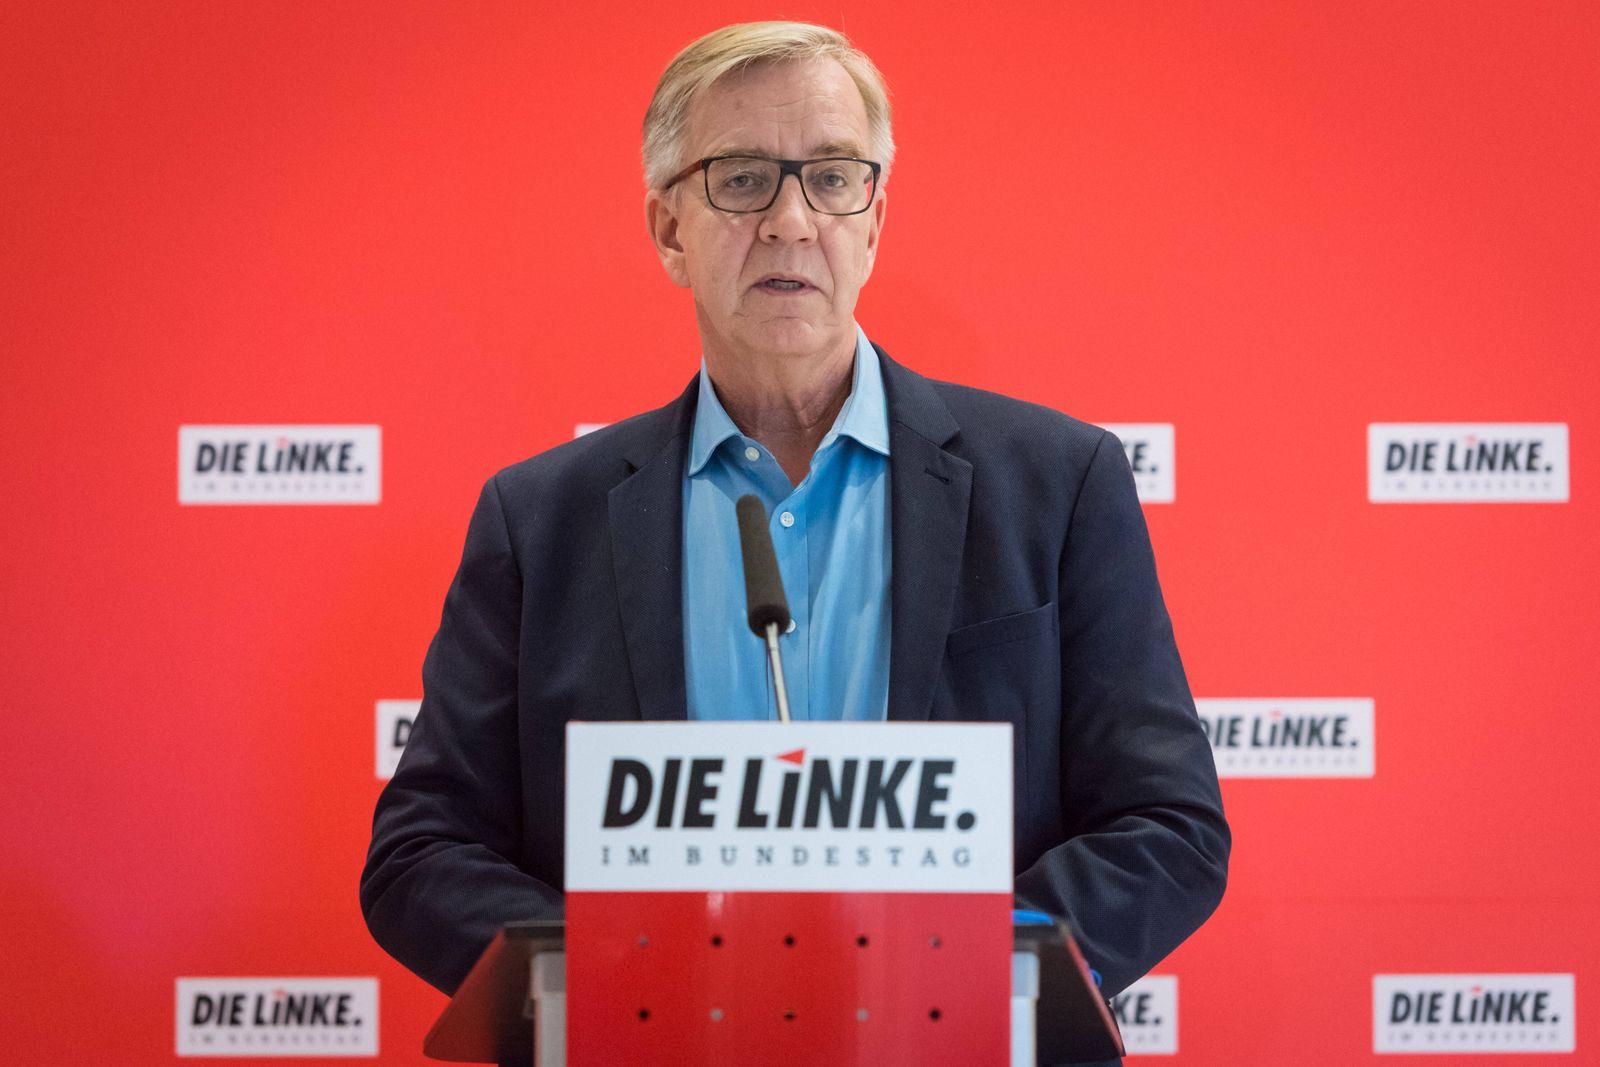 Berlin, Dietmar Bartsch gibt Pressekonferenz im Bundestag Deutschland, Berlin - 12.01.2021: Dietmar Bartsch (Fraktionsv